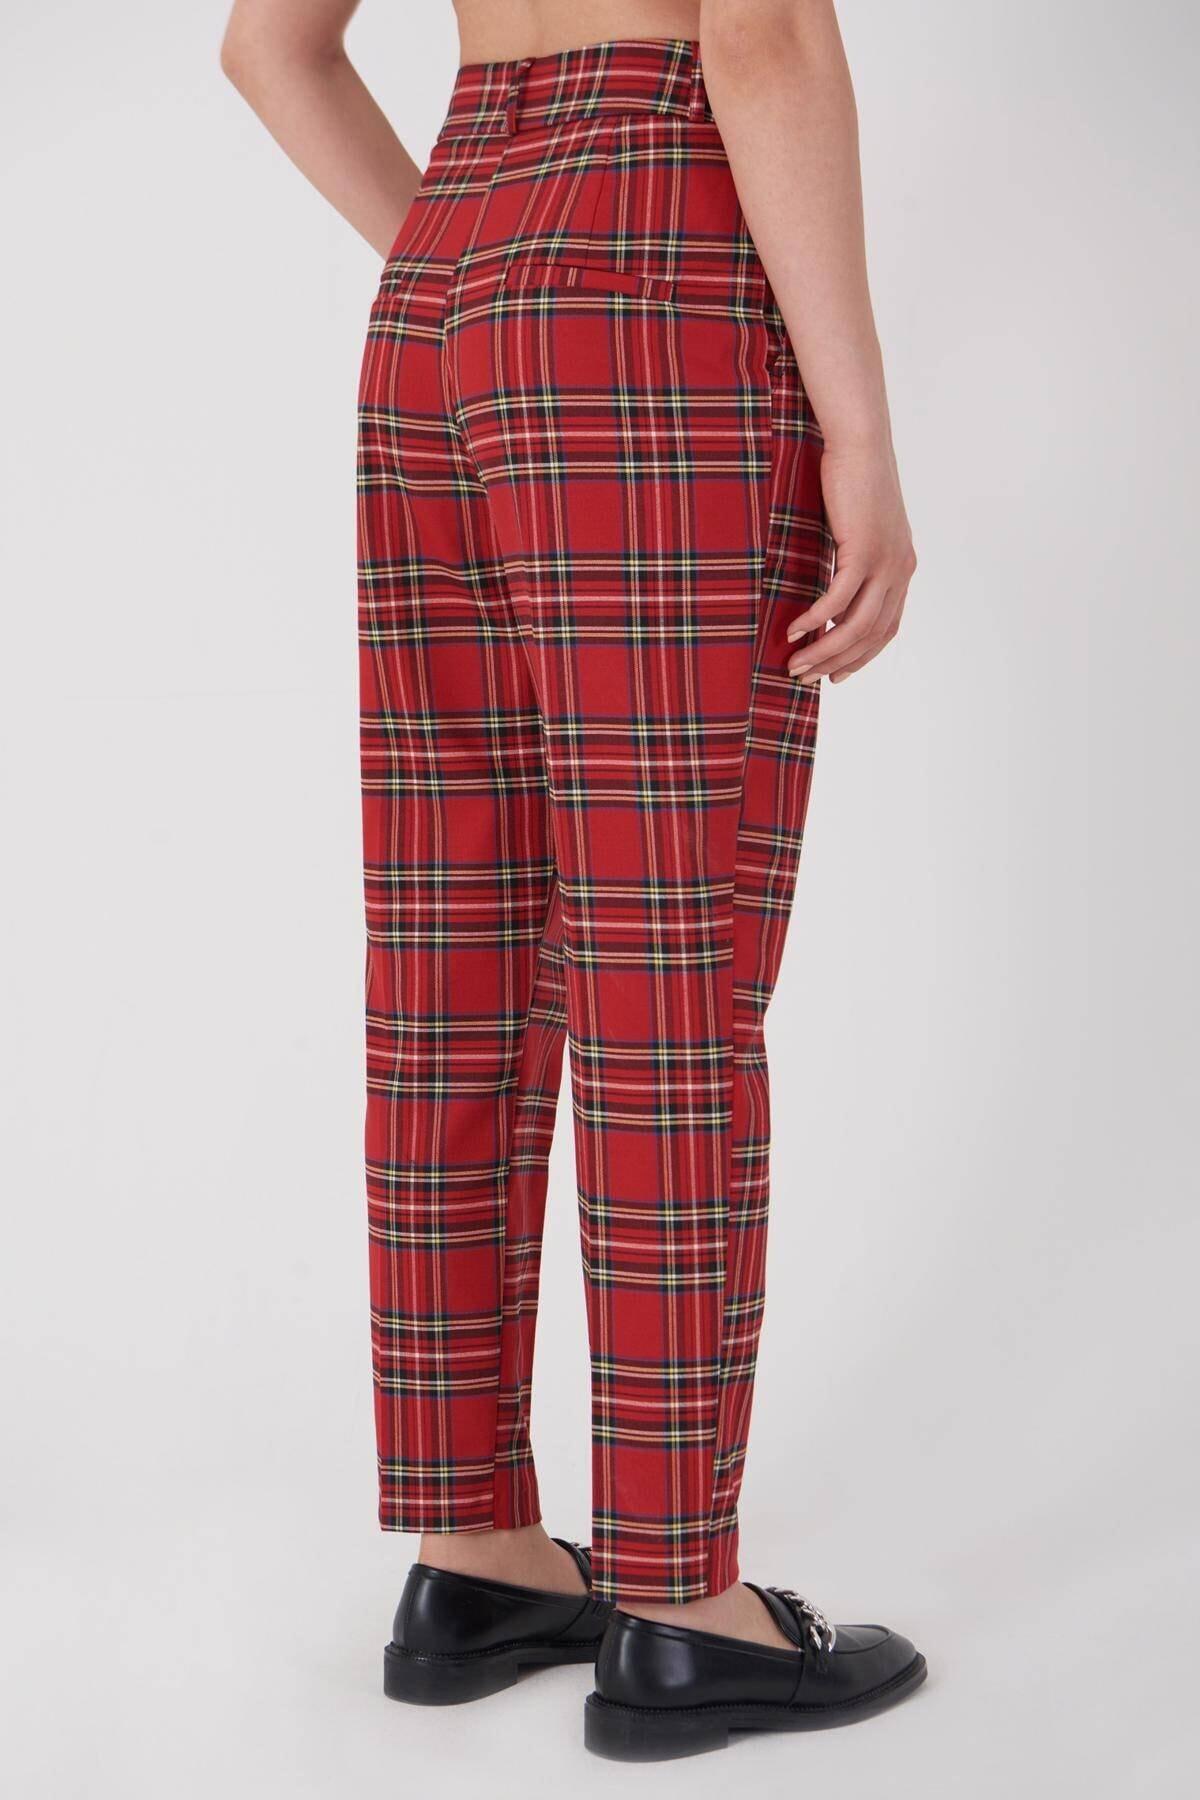 Addax Kadın Kırmızı Ekoseli Pantolon PN21-0222 - X6 ADX-0000023709 3